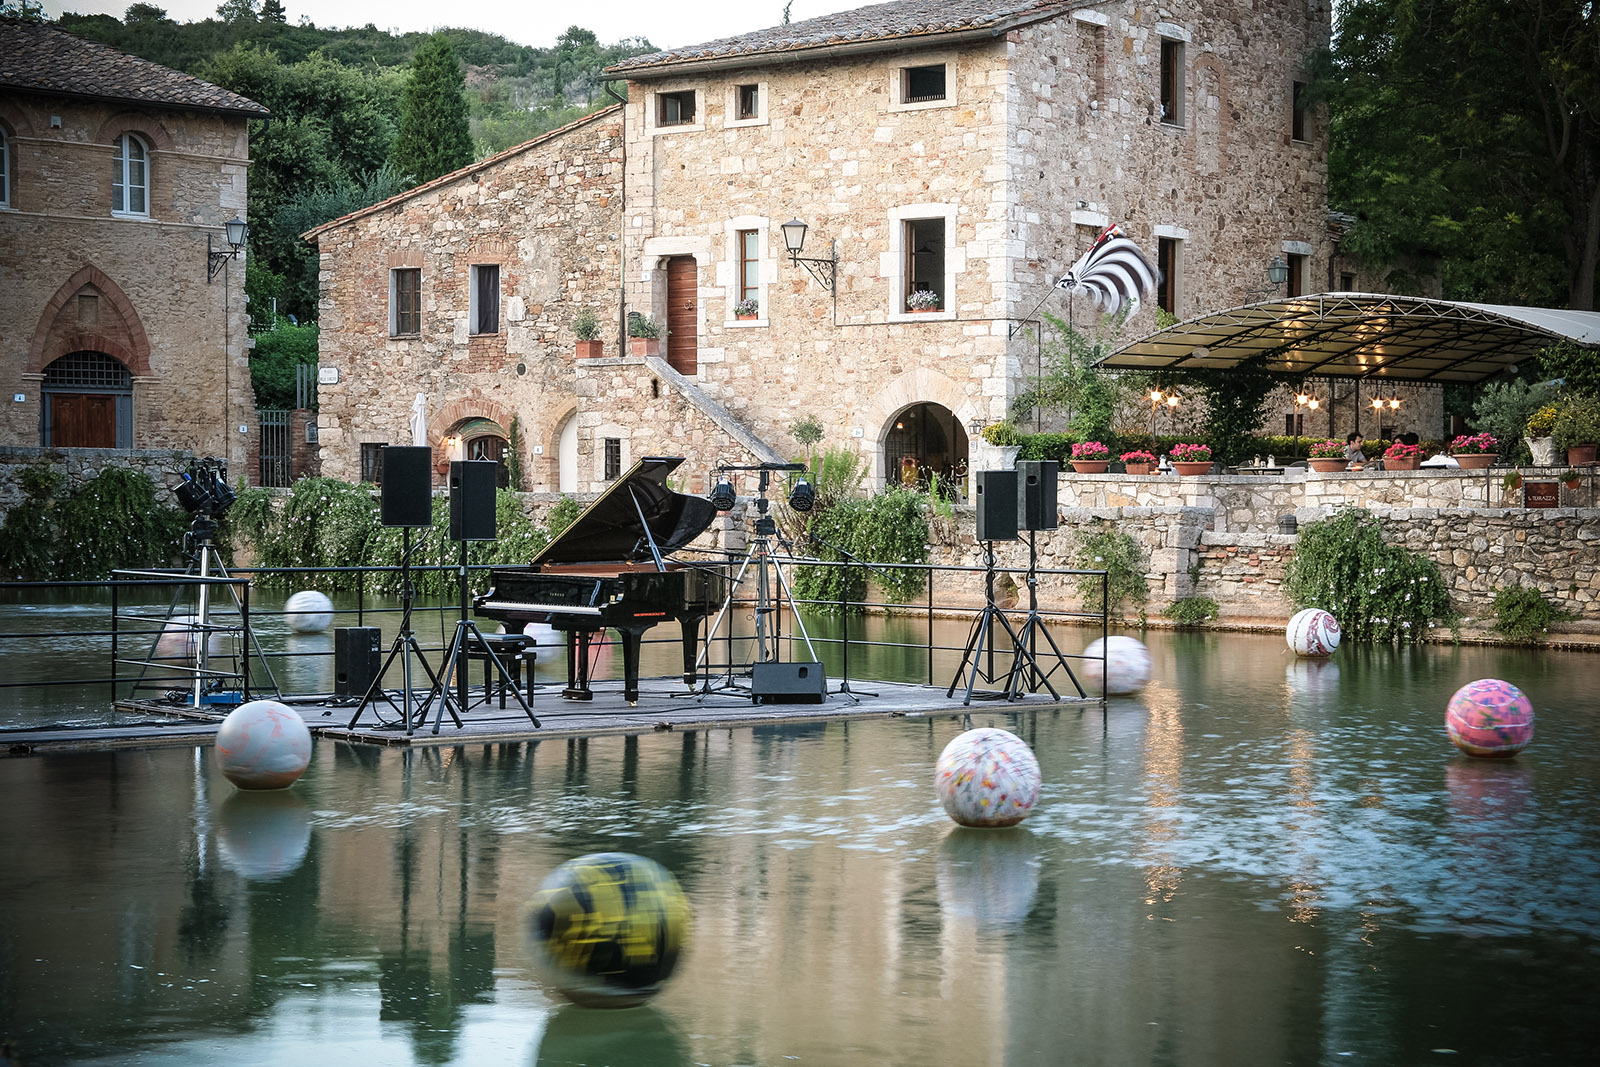 35 pueblos con encanto en toscana - Hotel la posta bagno vignone ...